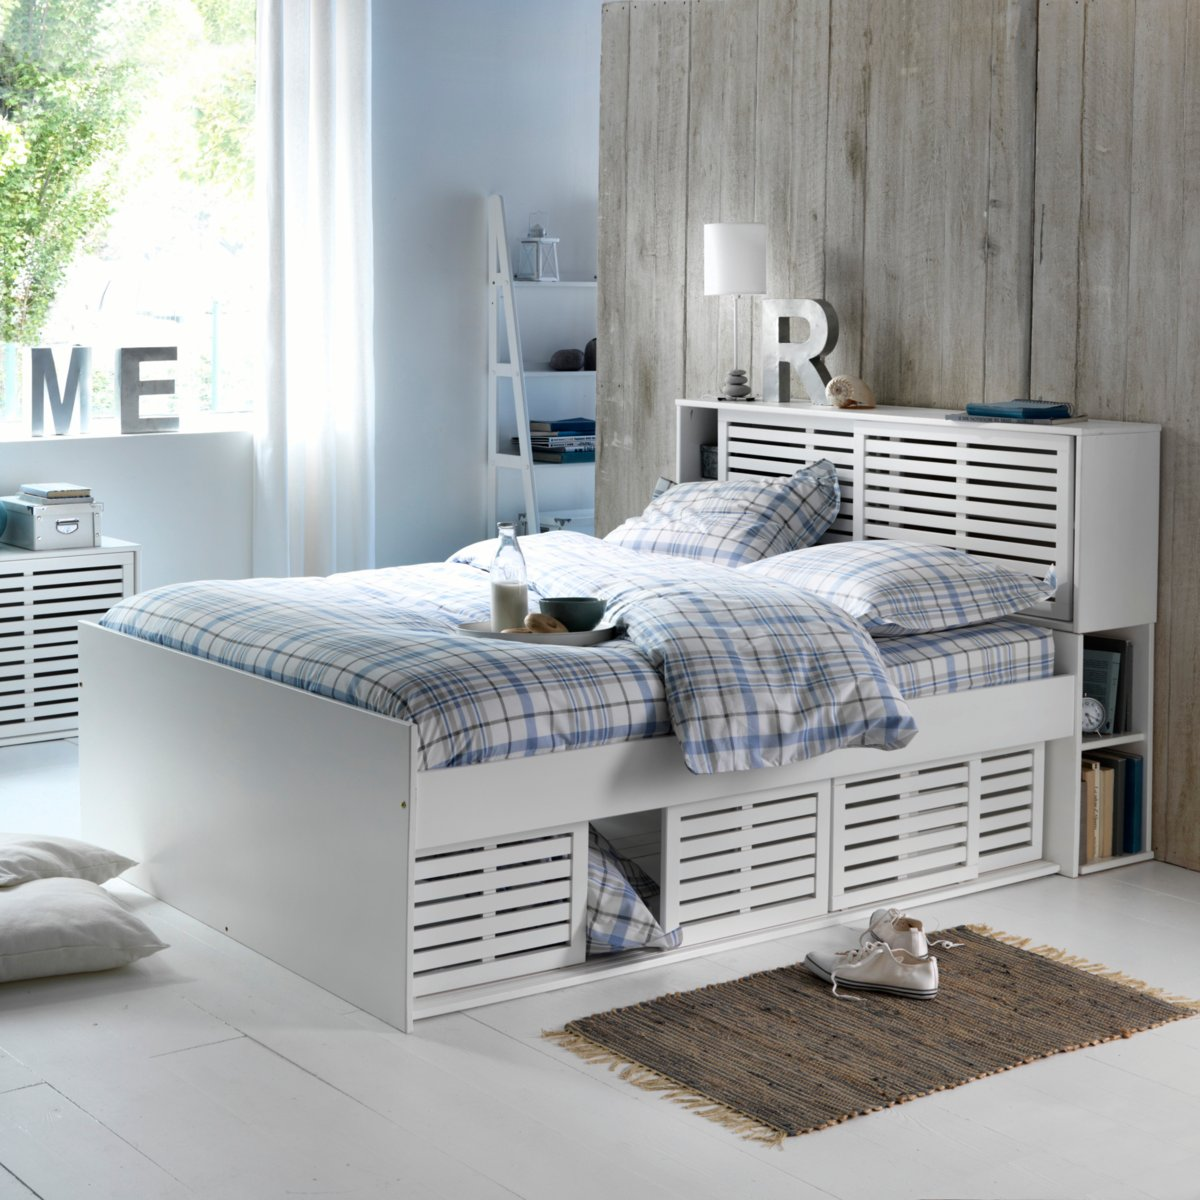 lit la redoute lit pin massif 2 personnes inqaluit. Black Bedroom Furniture Sets. Home Design Ideas